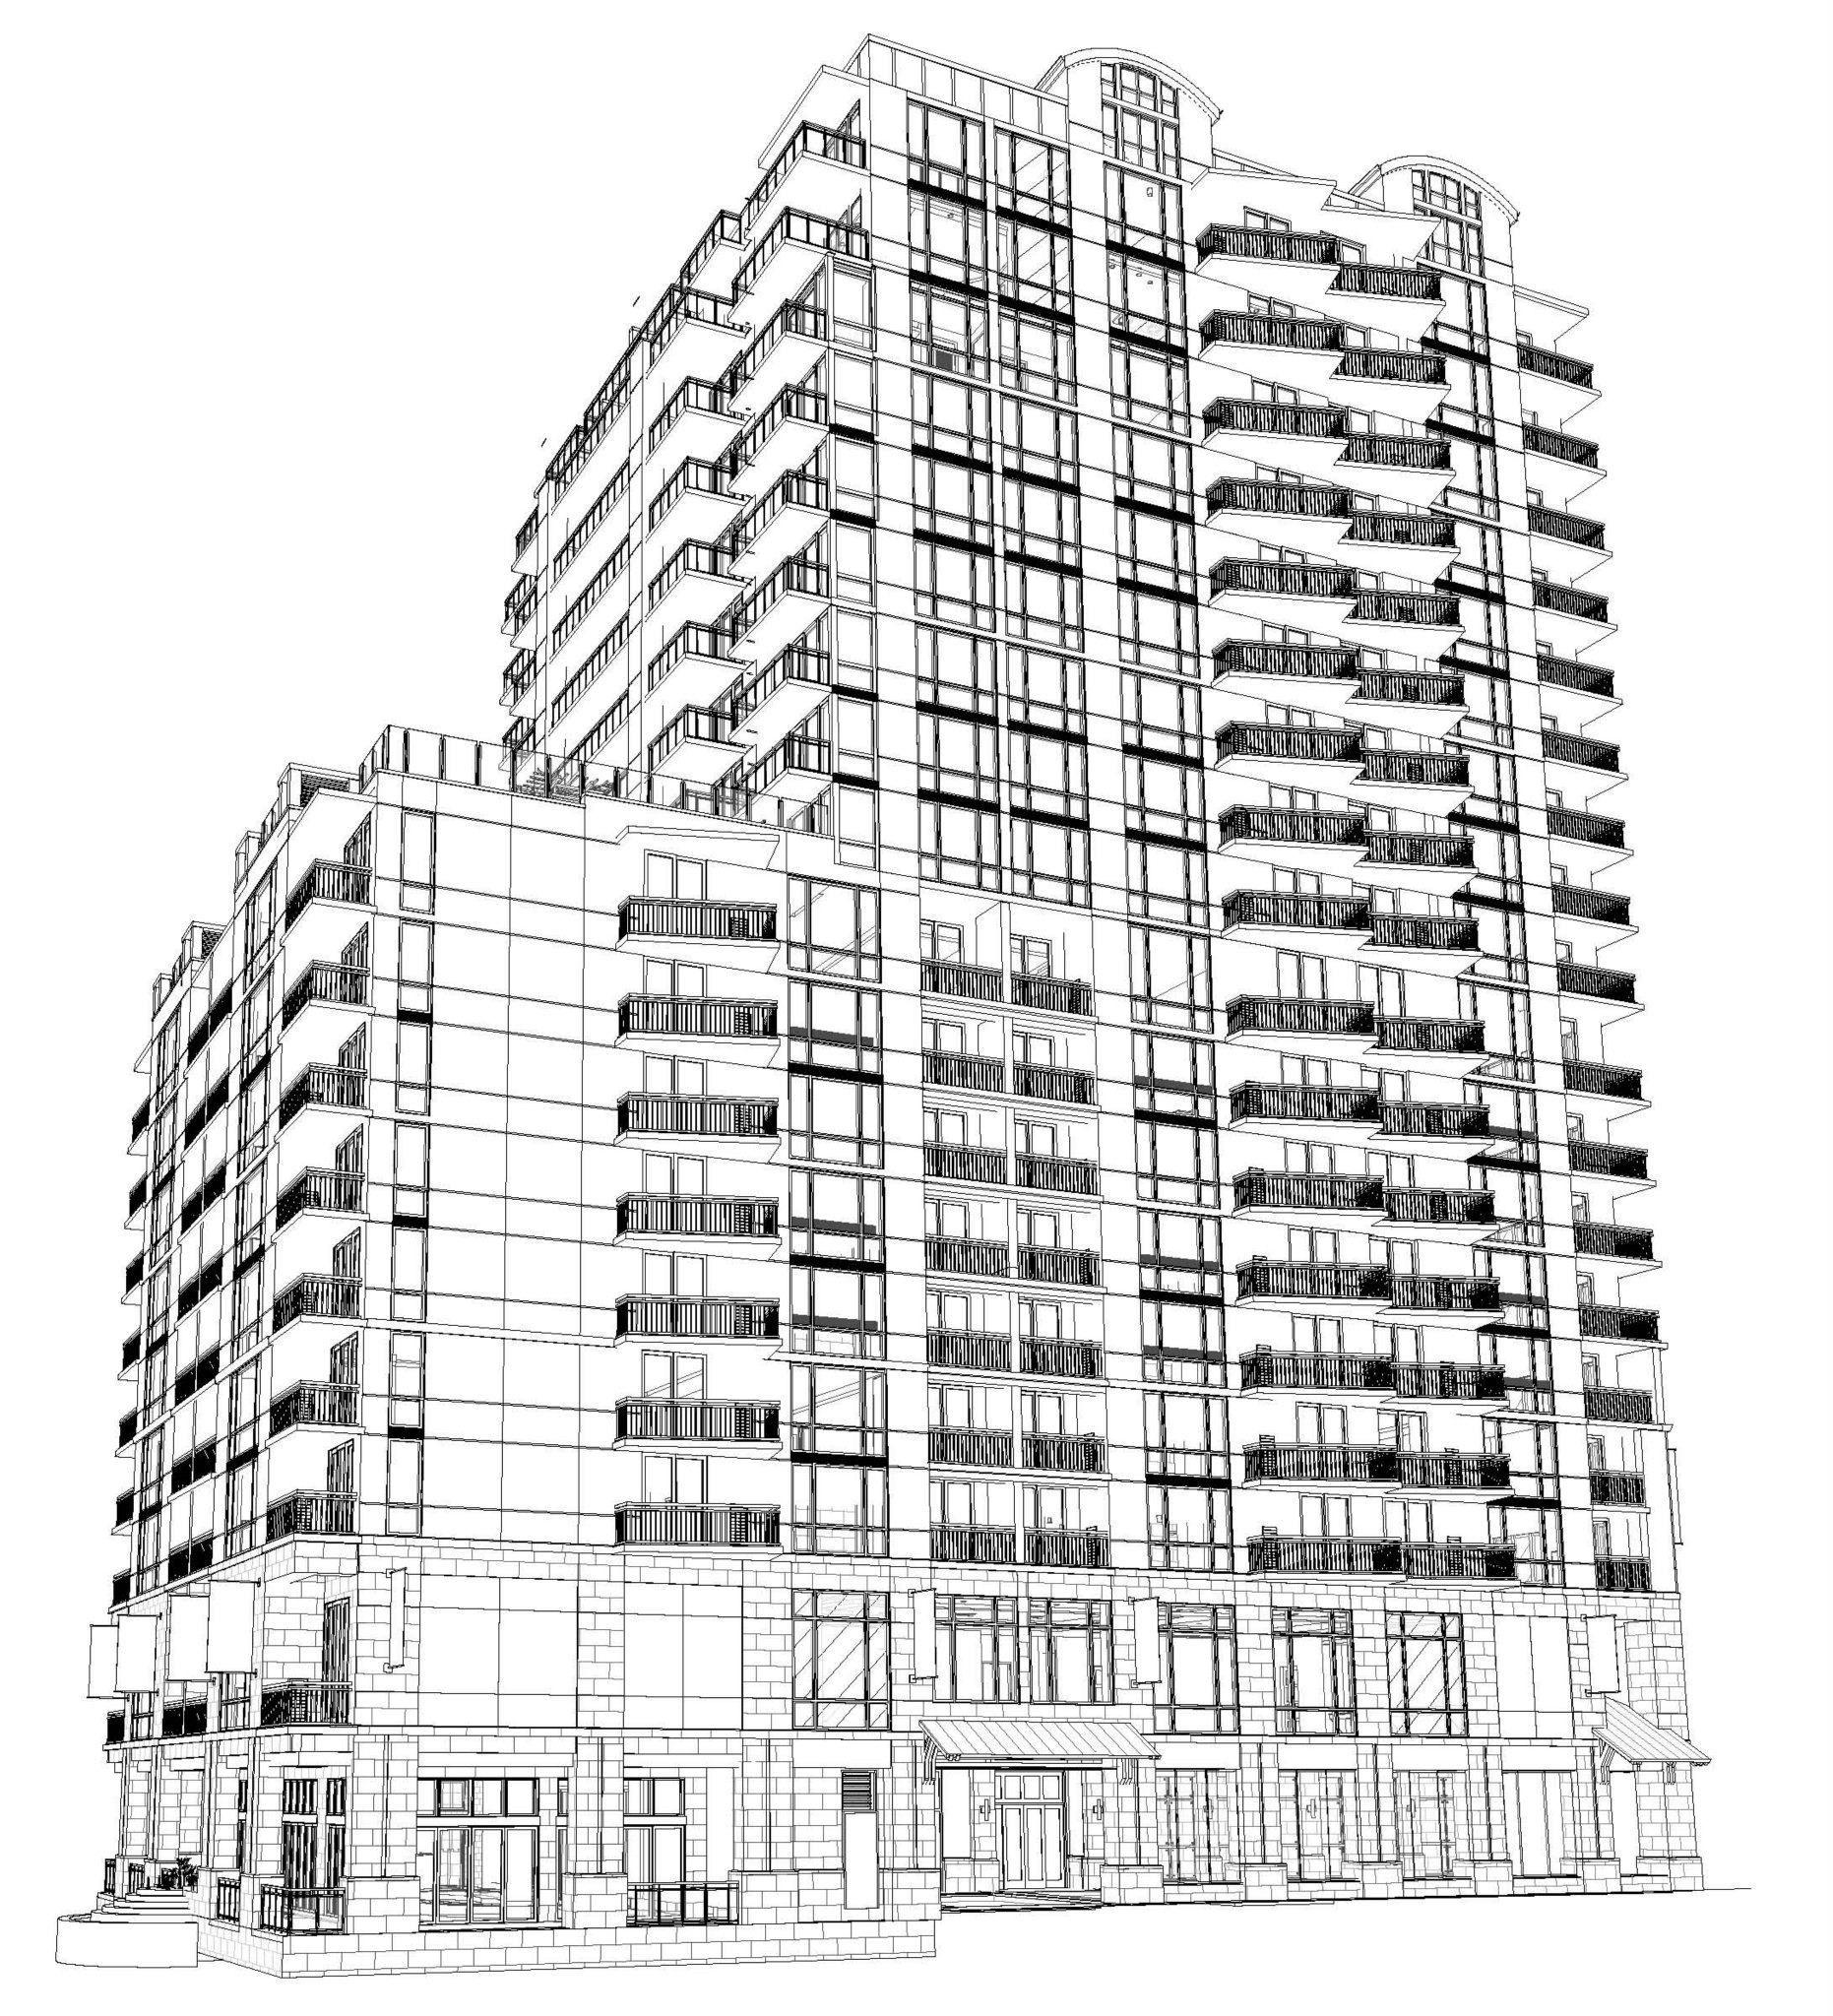 3D Rendering (19 floors) - Ocean Beach Hotel - Virginia Beach, Virginia - Systems design and drafting by CHDrafting